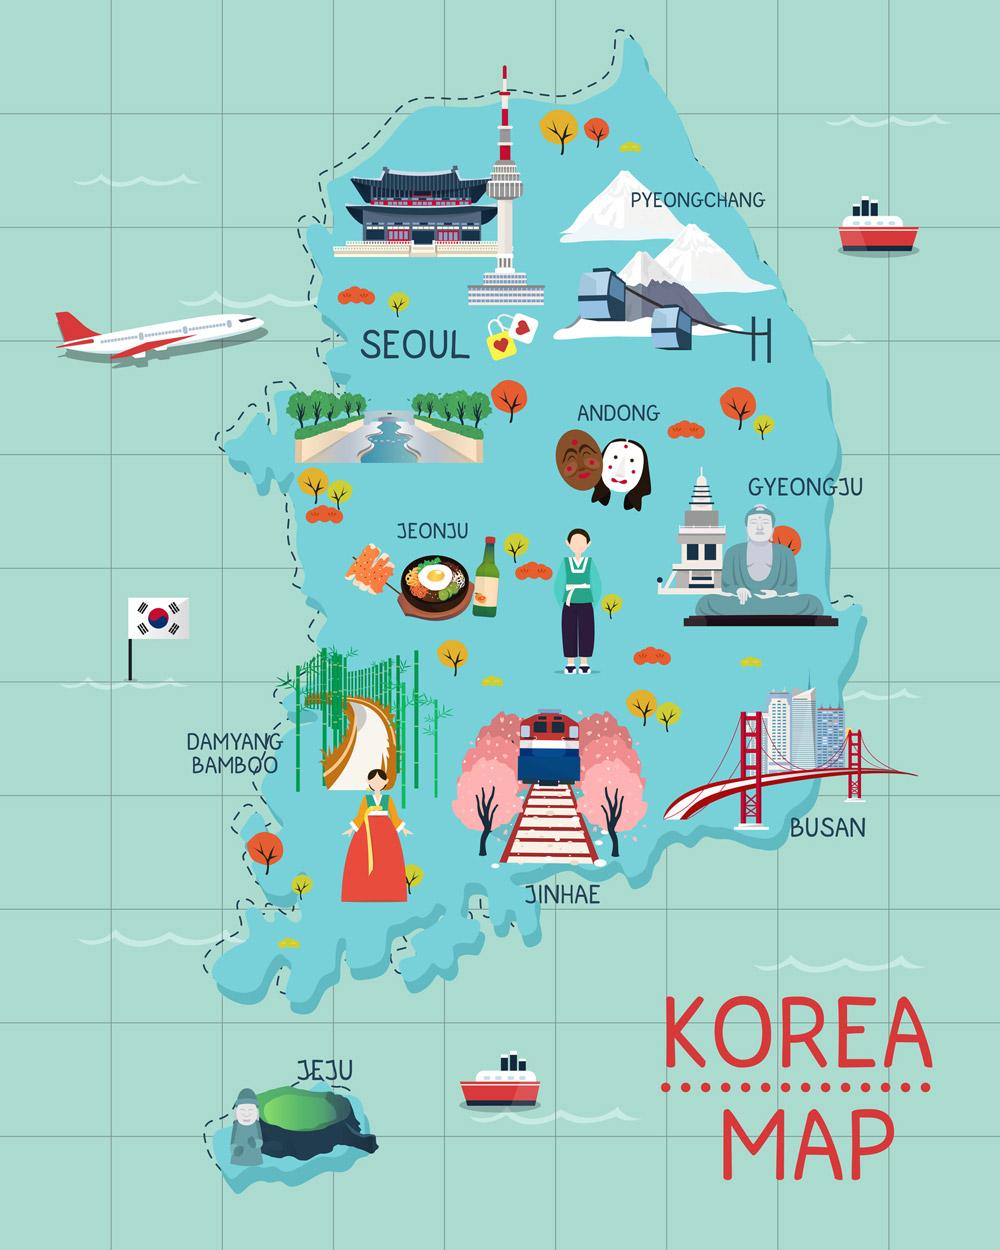 แผนที่ประเทศเกาหลีใต้ วัฒนธรรมของประเทศเกาหลี